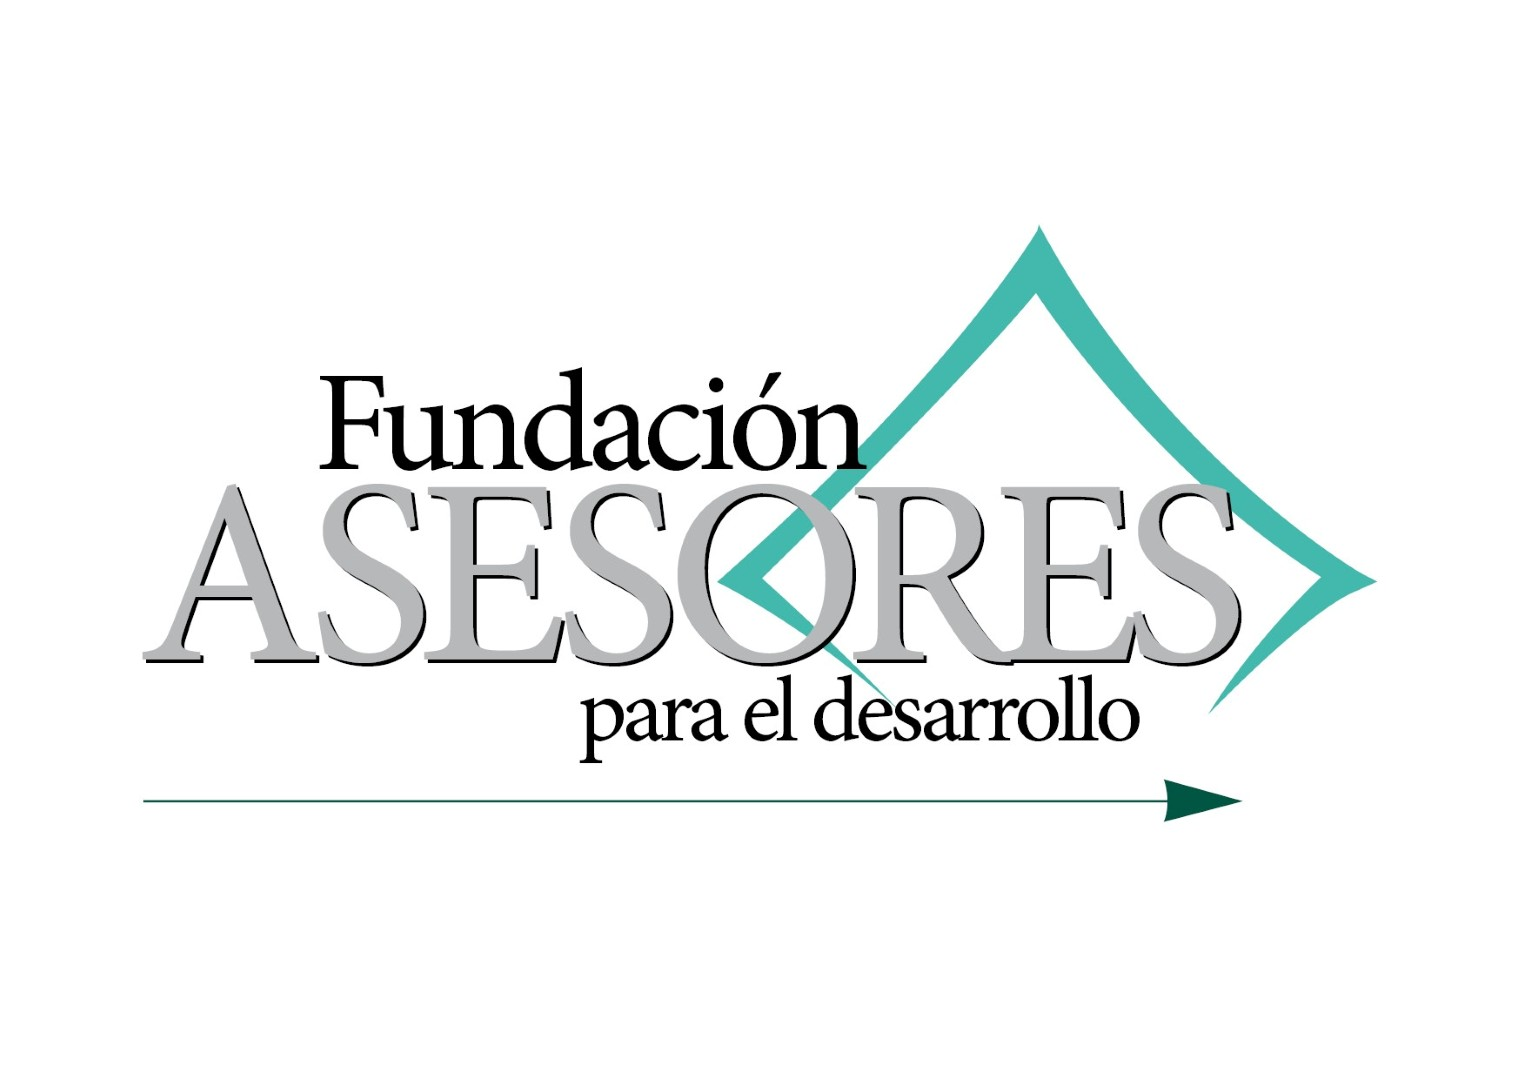 Fundación Asesores para el Desarrollo